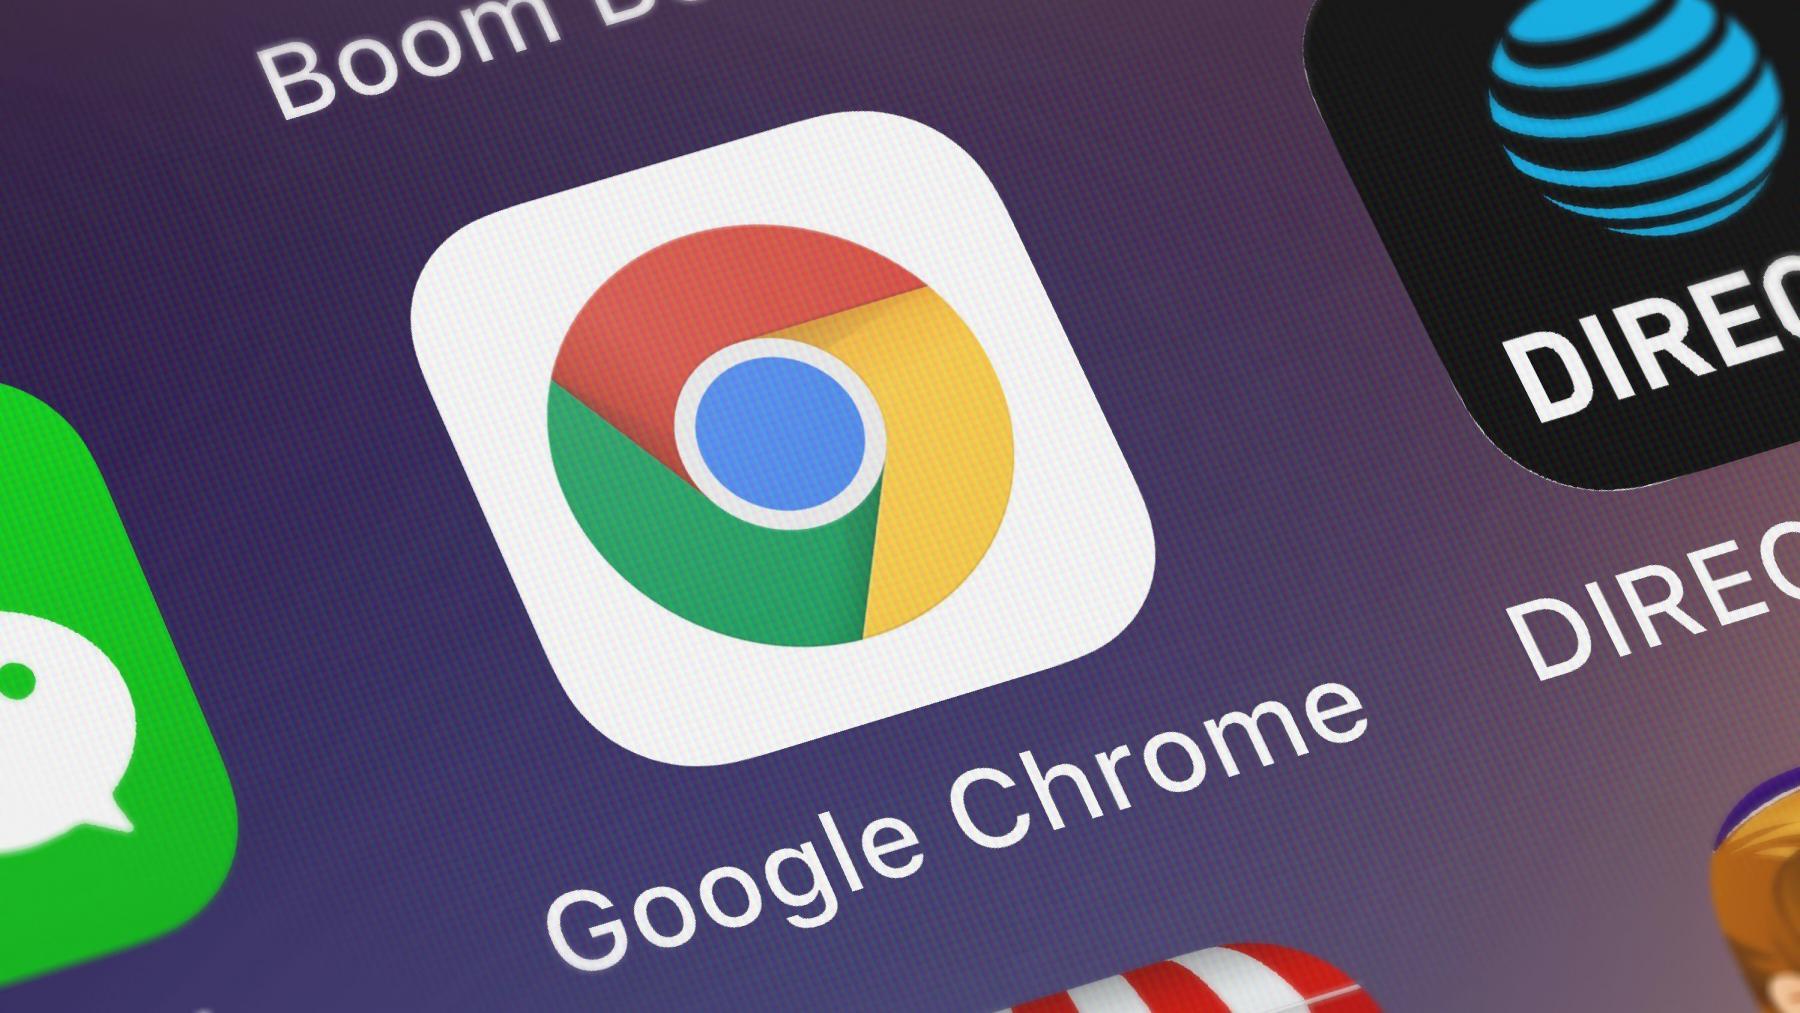 Chrome будет показывать разработчикам, как их сайты выглядят для пользователей с нарушениями зрения - 1